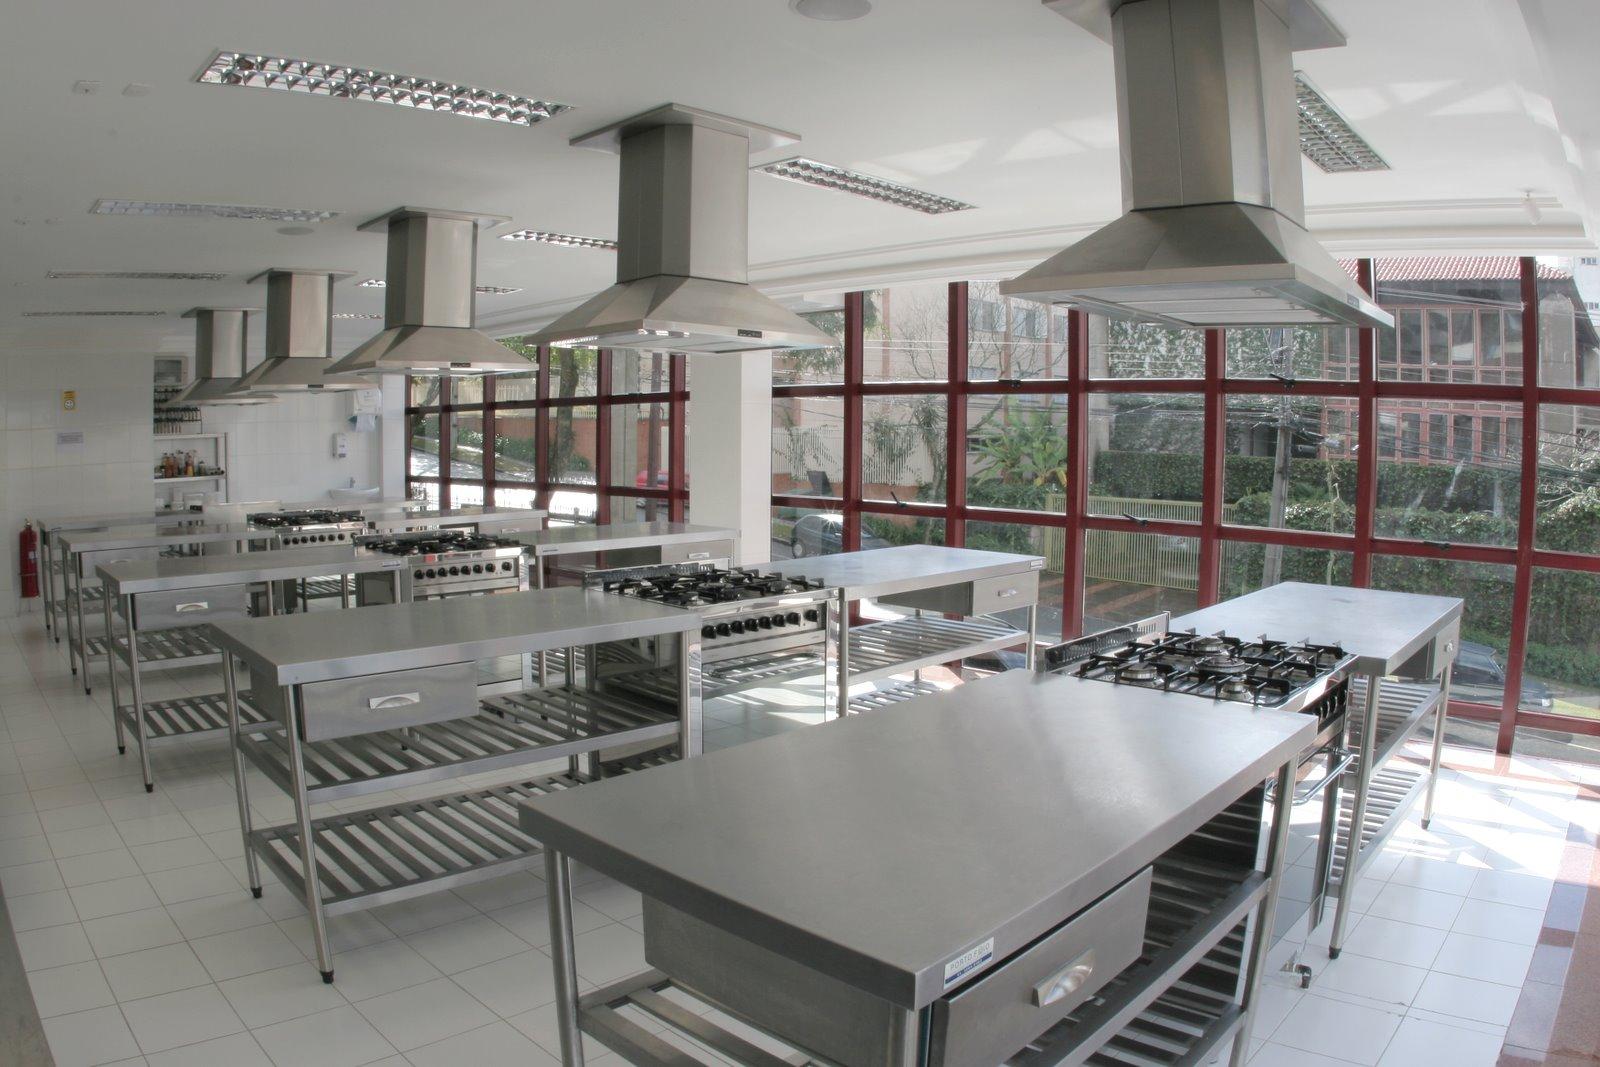 Cozinha industrial e a Estrutura de um restaurante Como quando e  #624040 1600 1067